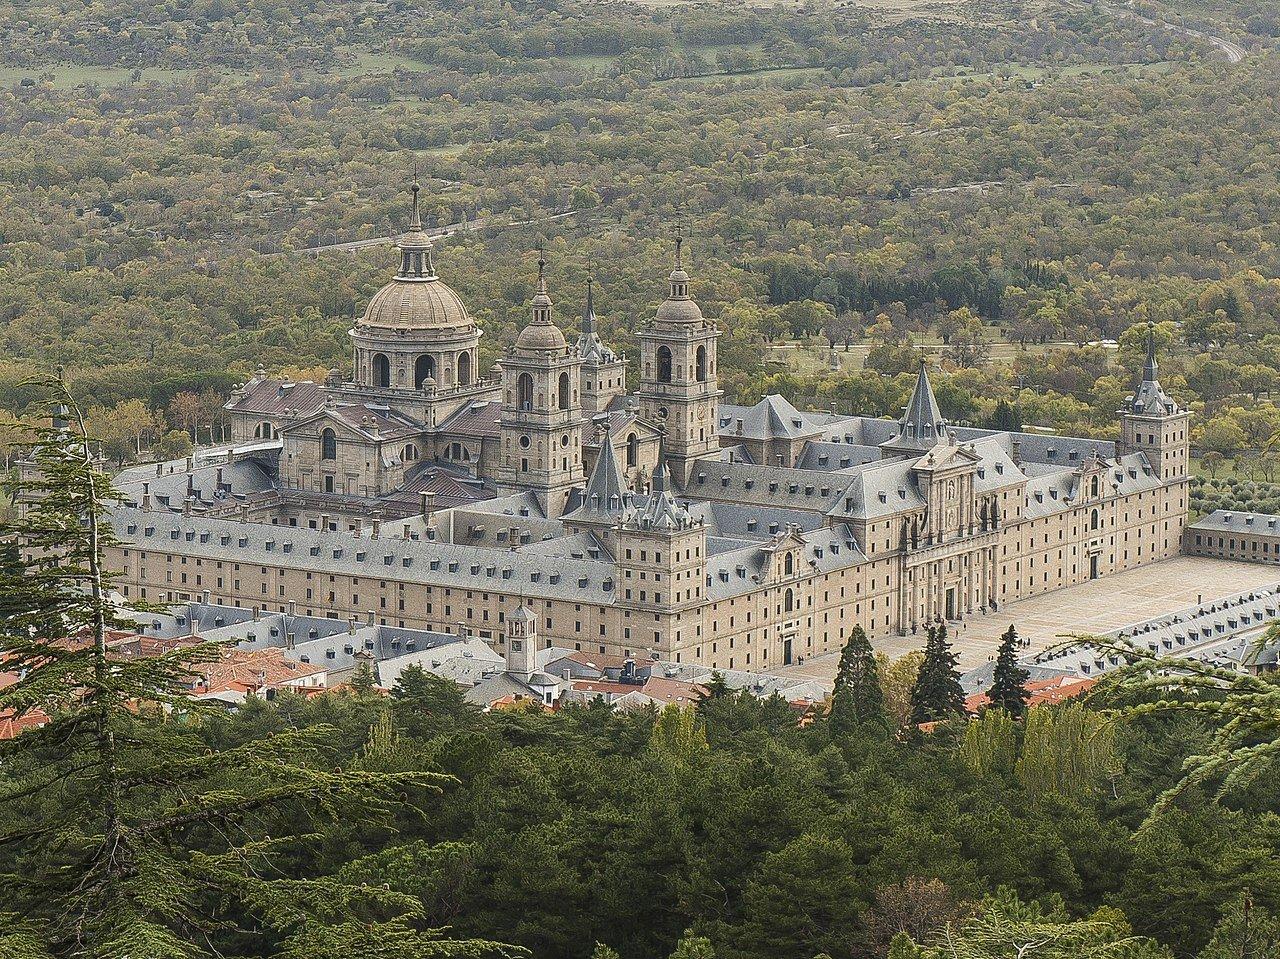 Monasterio de El Escorial: emblema turístico durante la Semana Santa 1